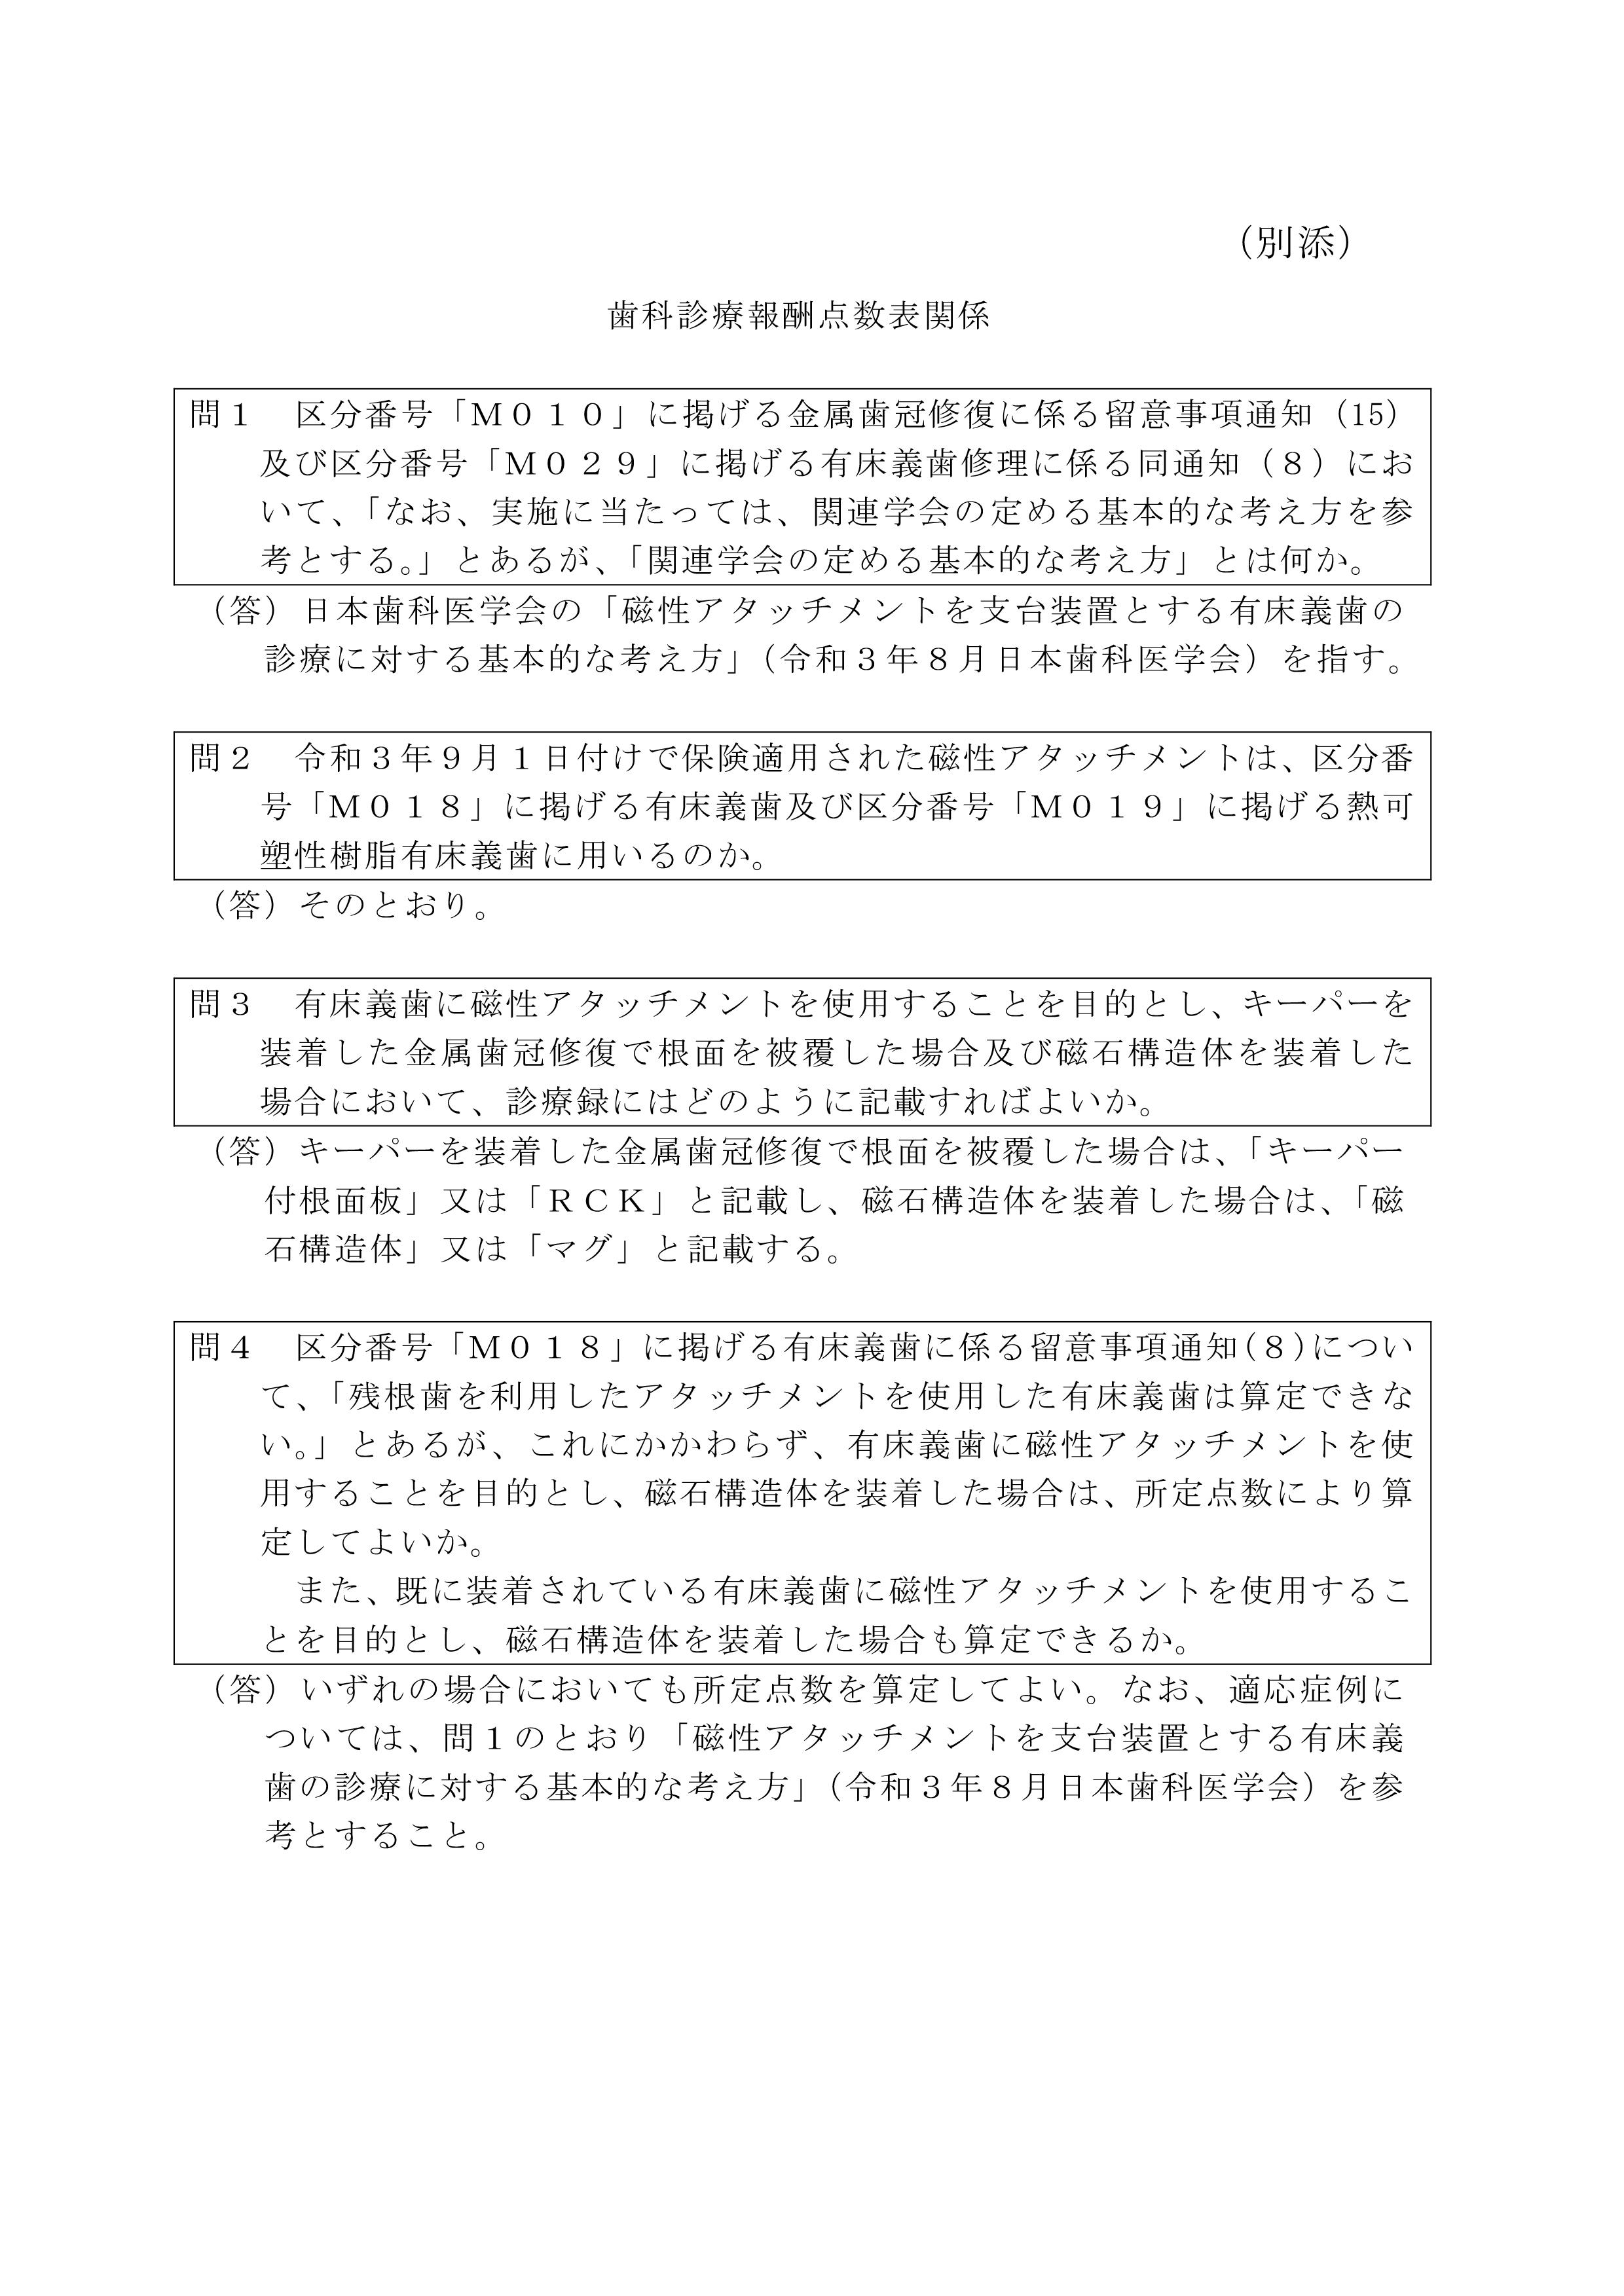 【事務連絡】疑義解釈資料の送付について(そ